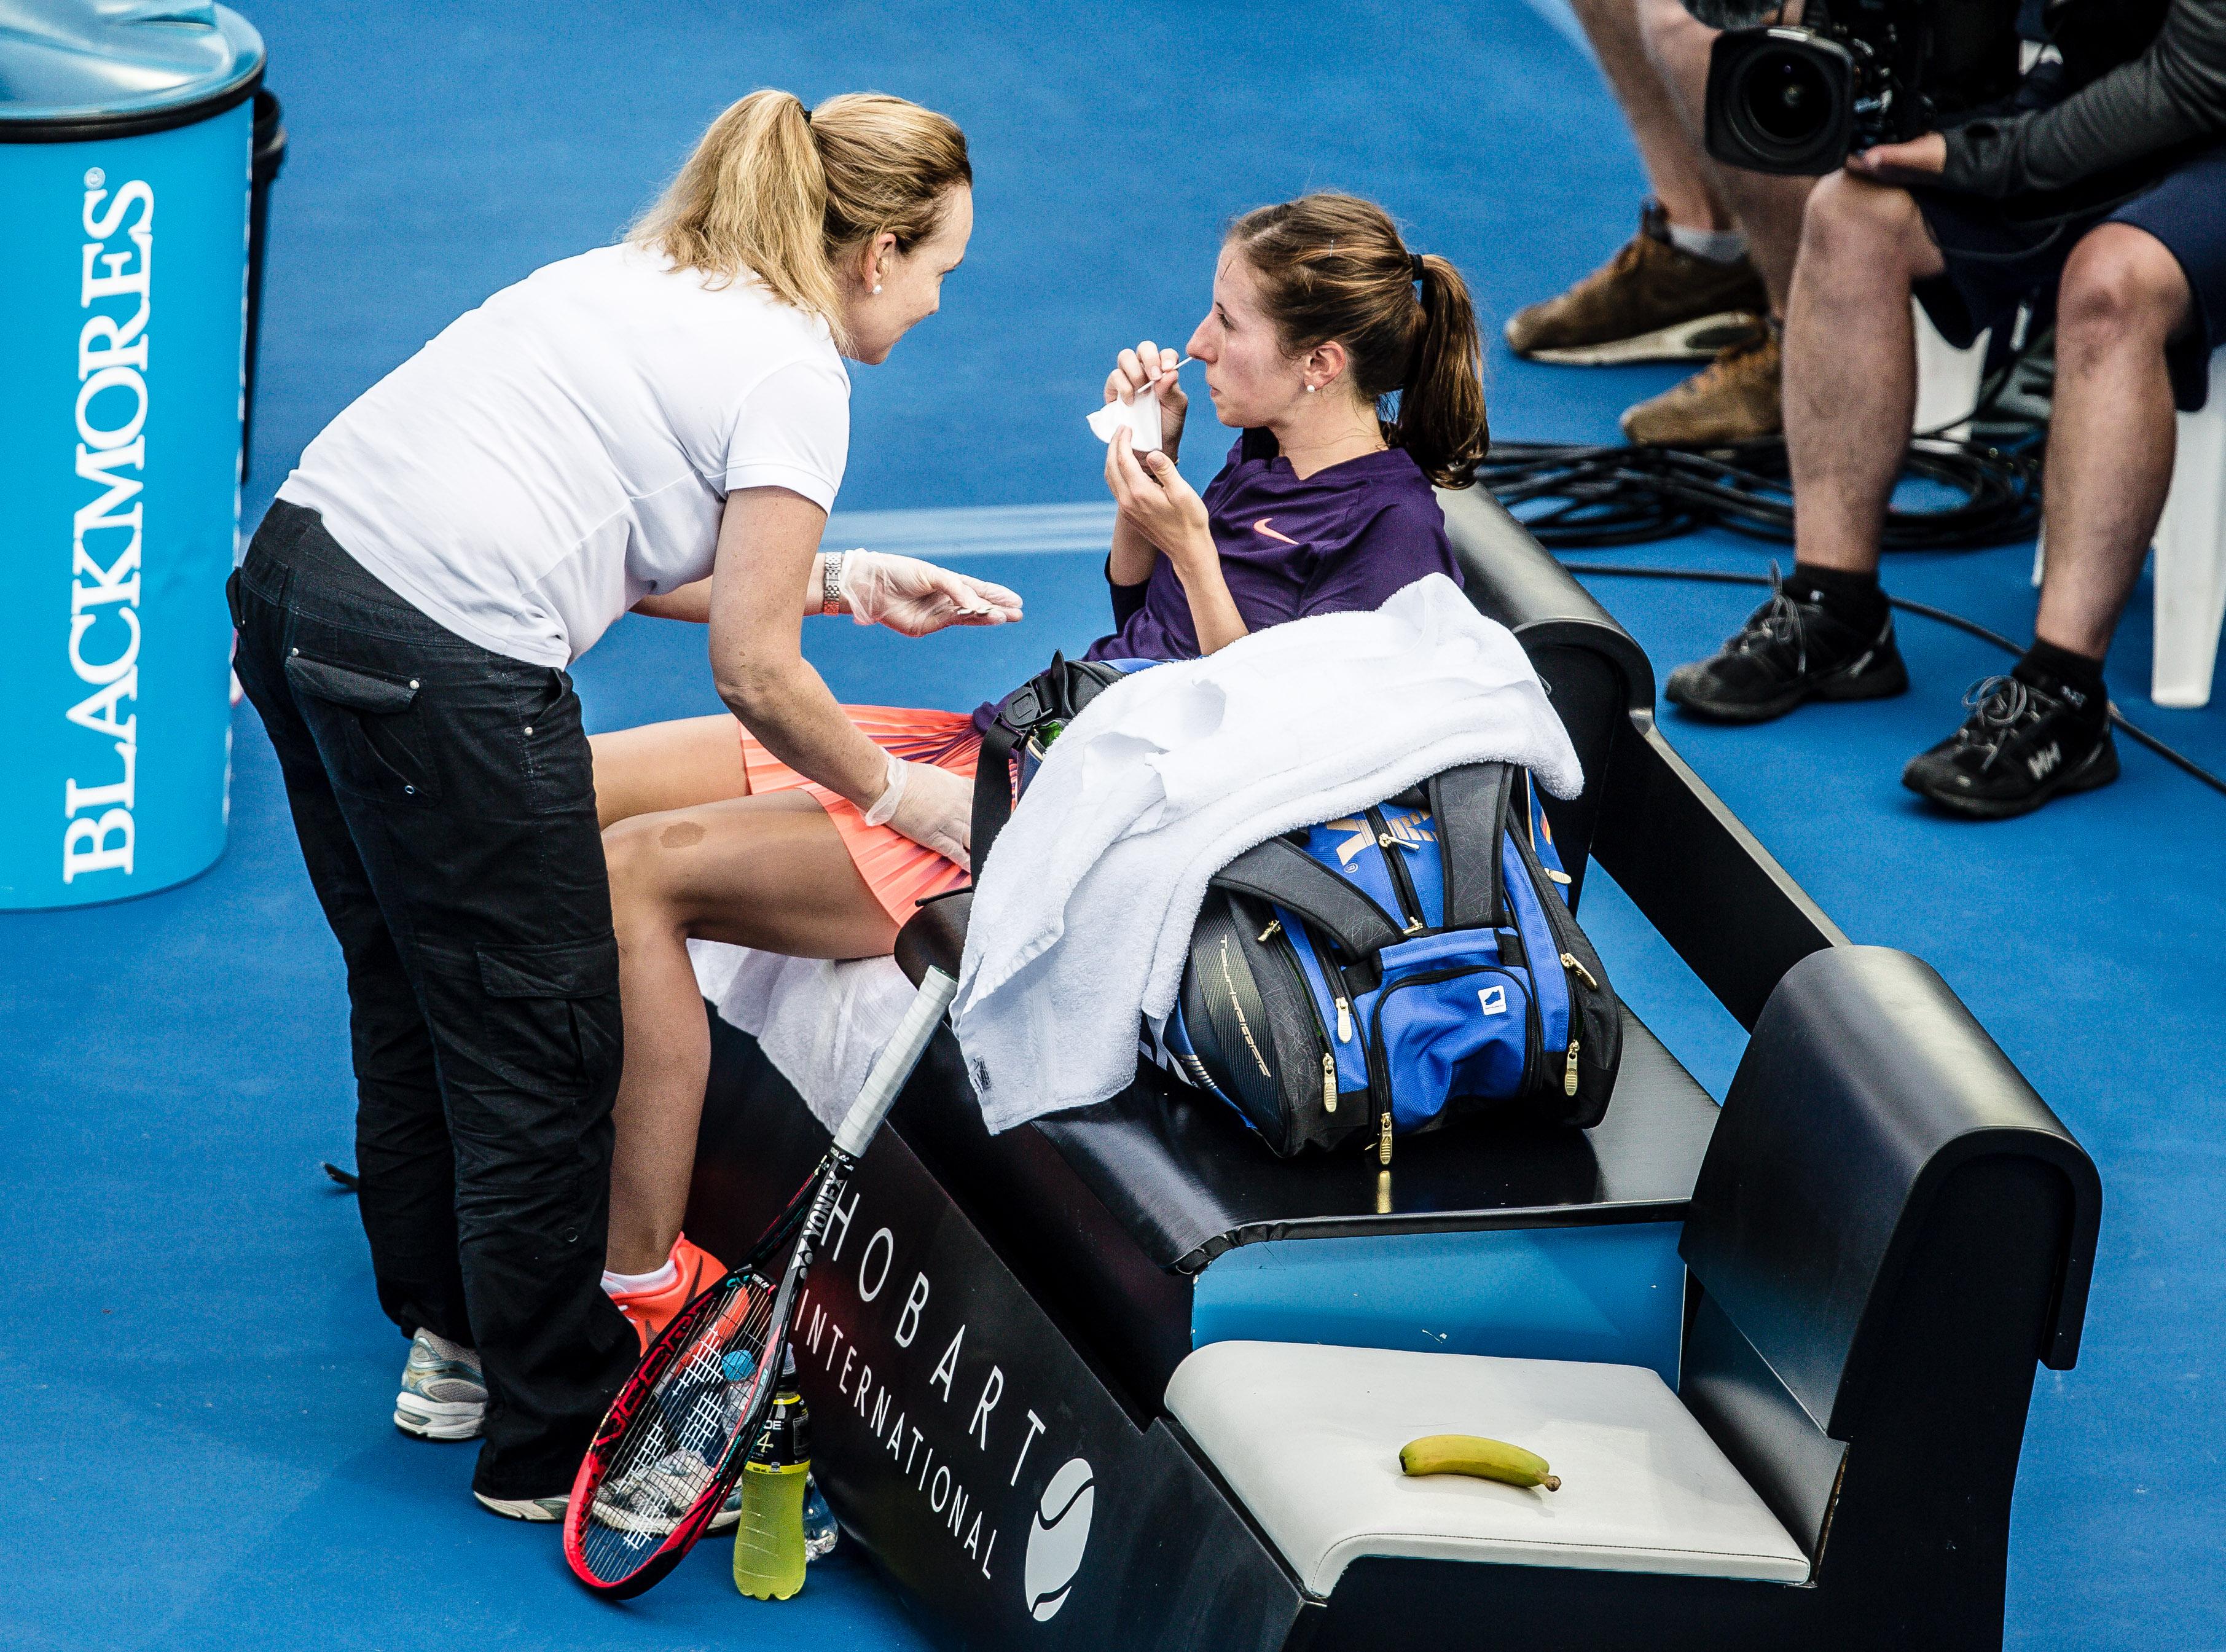 Annika Beck aus Bonn musste gleich zu Beginn des ersten Satzes eine Auszeit wegen Nasenbluten nehmen. WTA-Turnier in Hobart auf Tasmanien - 2017 / Tennis / Damen / Australien / Tasmanien / Hardcourt / SPO / WTA / Worldtour